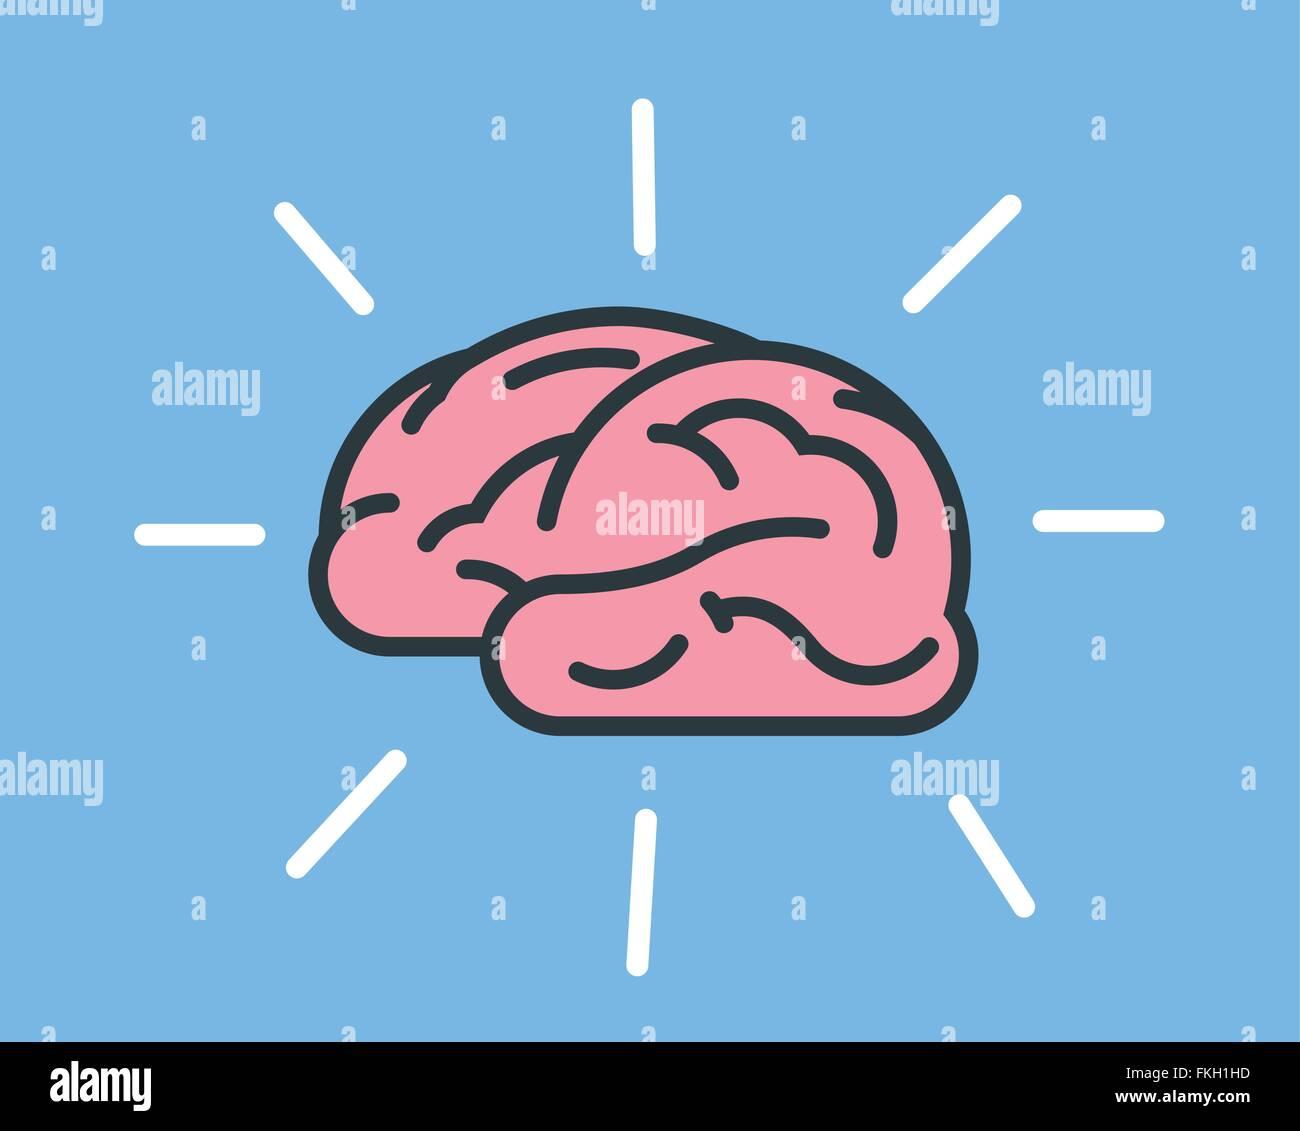 Icono de cerebro humano radiante Imagen De Stock